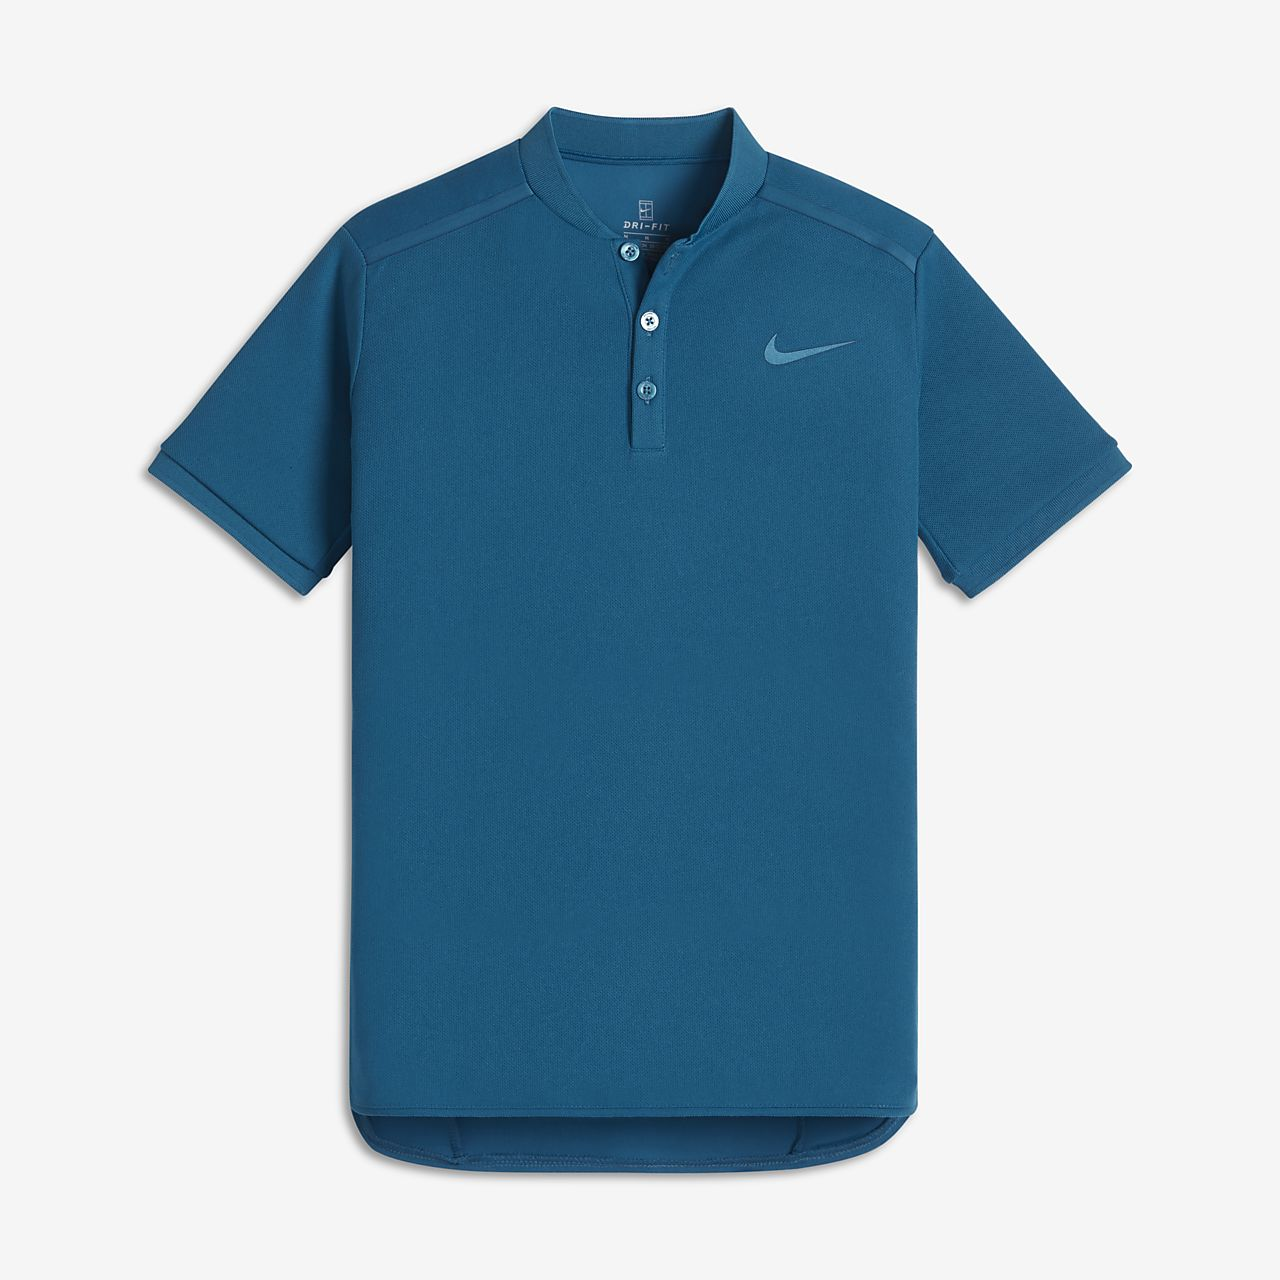 NikeCourt Older Kids' (Boys') Tennis Polo